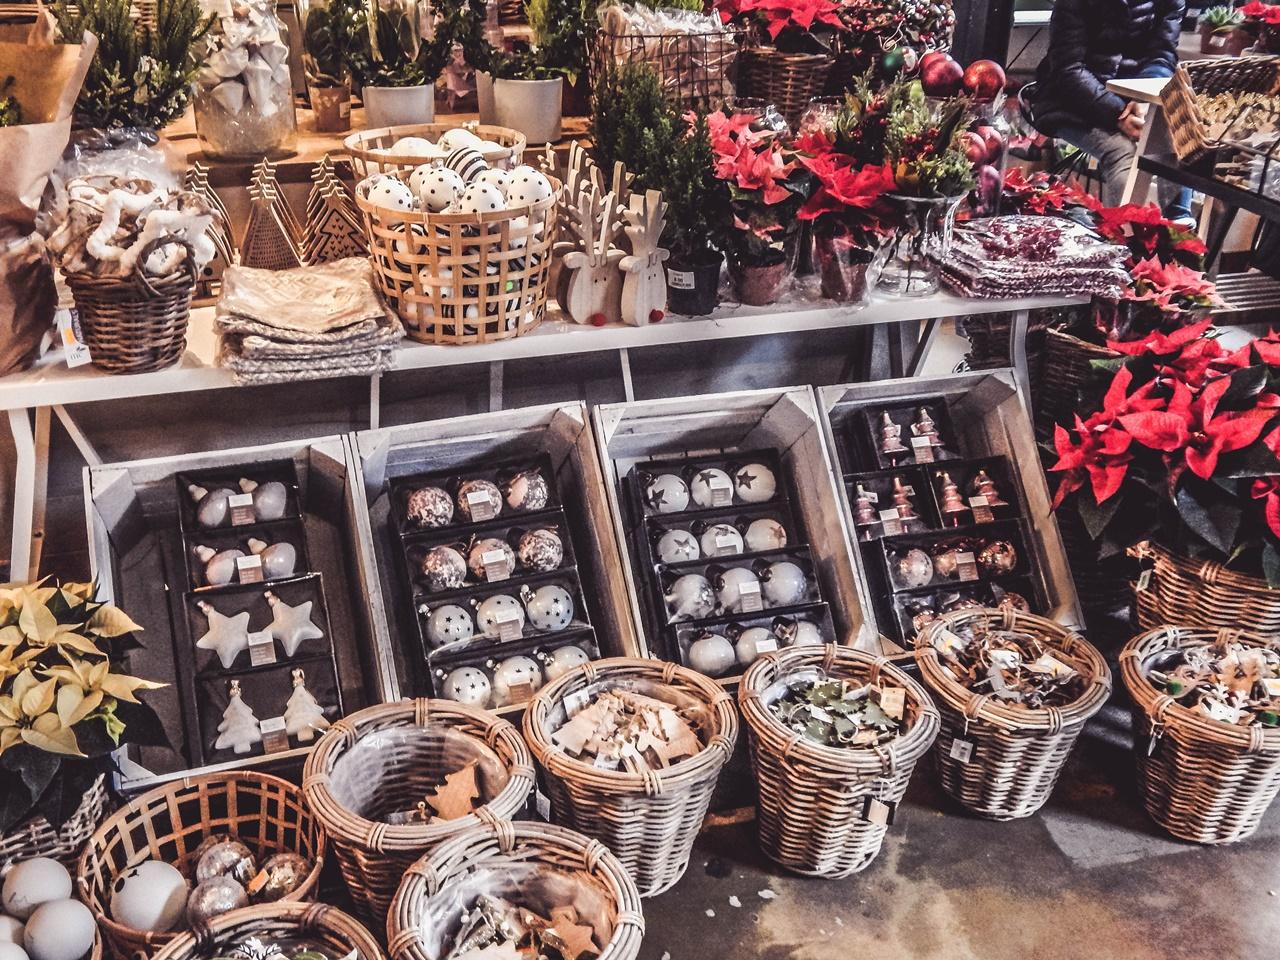 1 nietypowy jarmark świąteczny piotrkowska 217 co dzieje się w łodzi dwukropek ogrody zofii bożonarodzeniowy jarmark targ świąteczny świat z lukru pierniki świąteczne łódź biżuteria handmade piando zigner